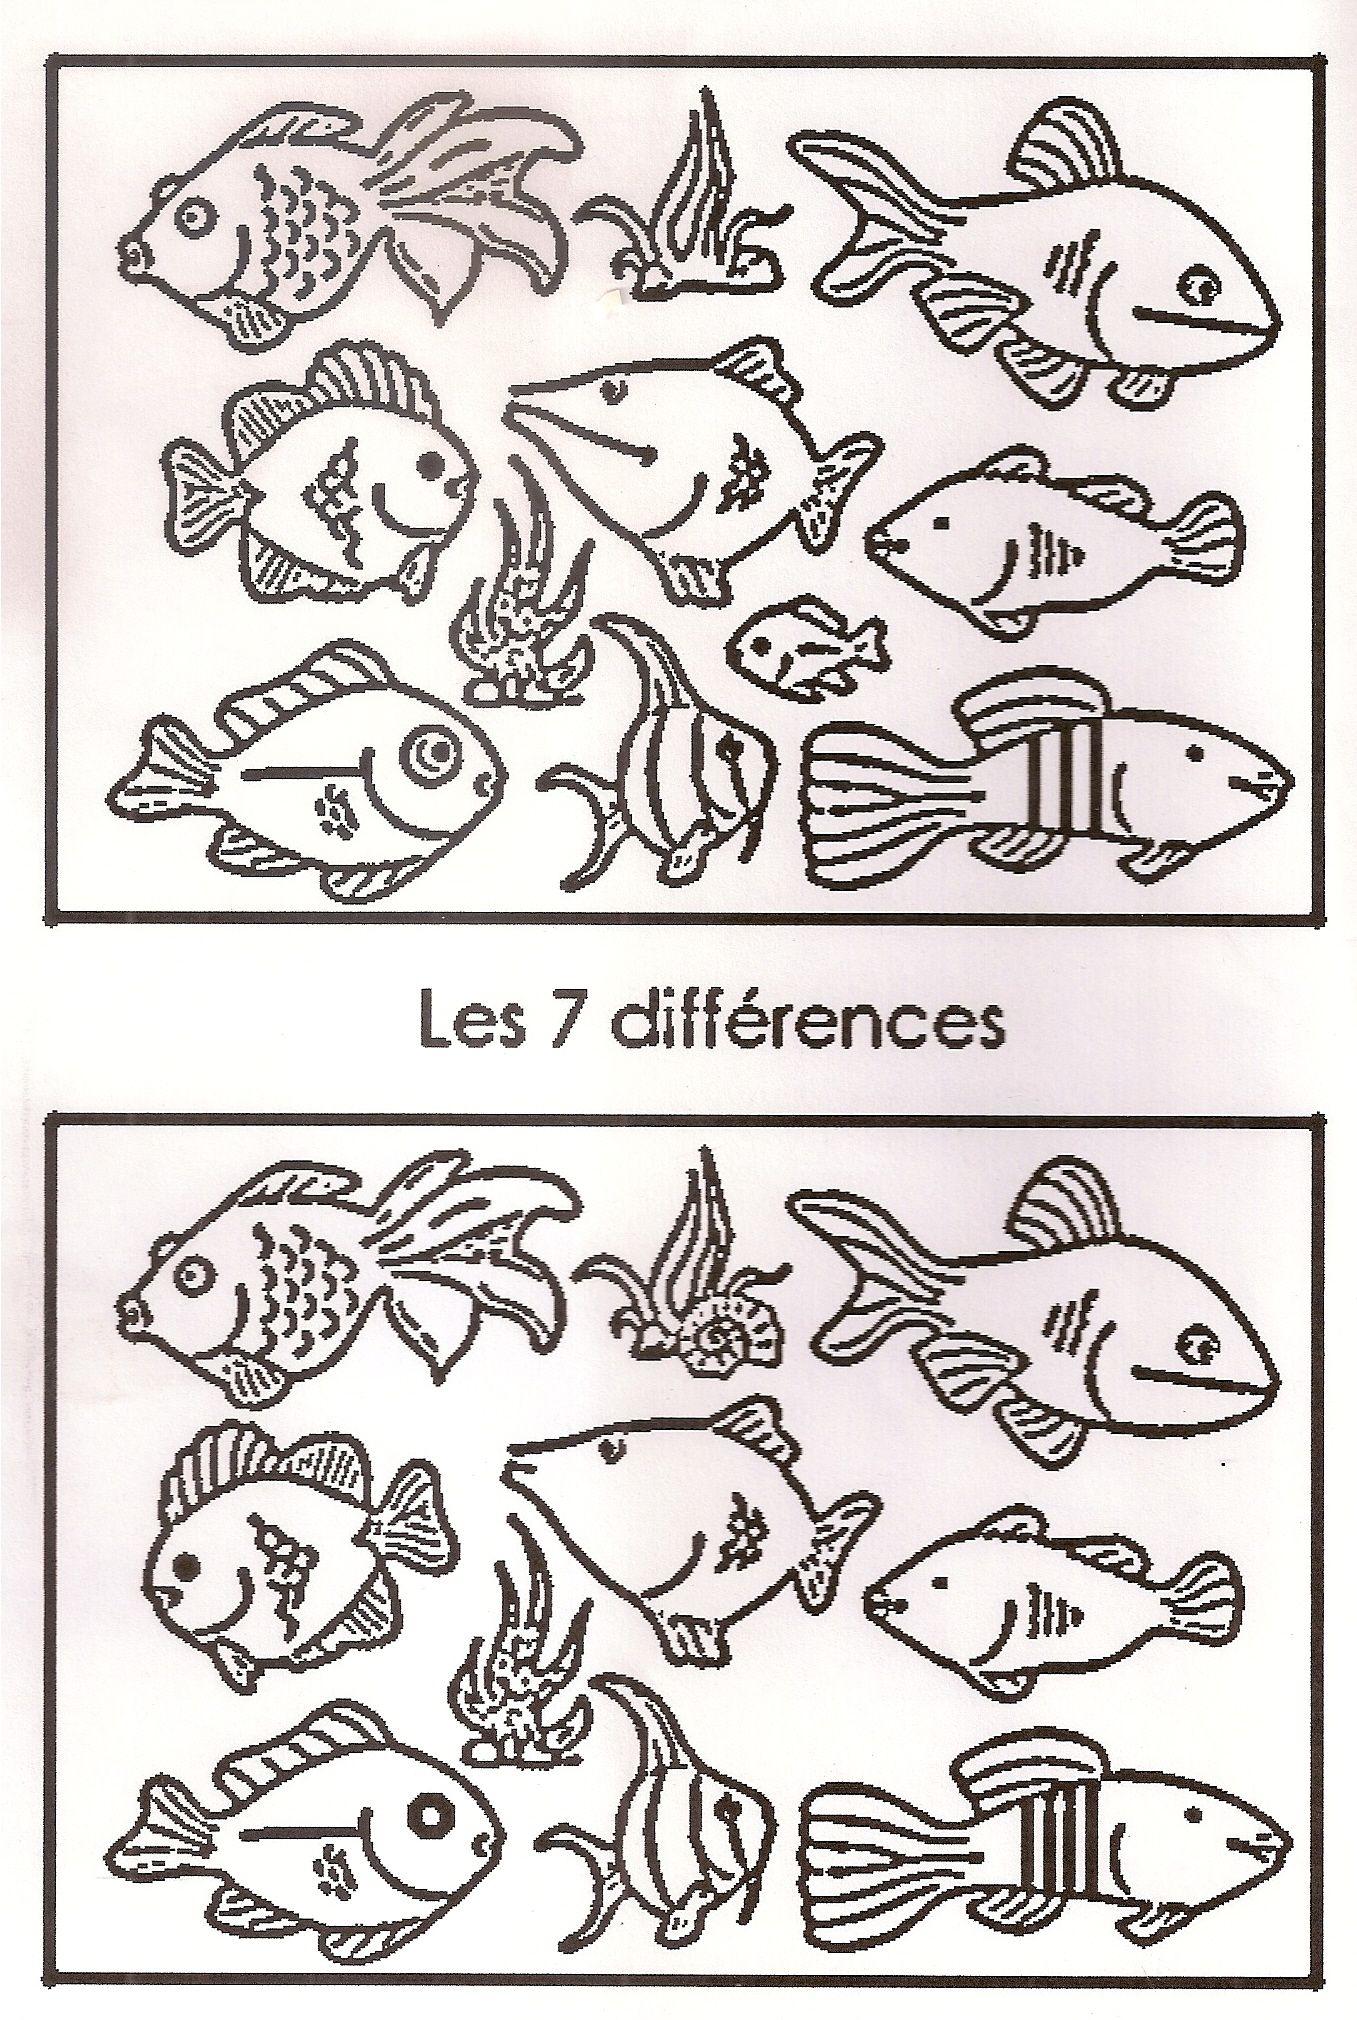 Jeu Des 7 Différences | Iki Resim Arasindaki Fark | Anaokulu dedans Jeux Des Differences Gratuit A Imprimer